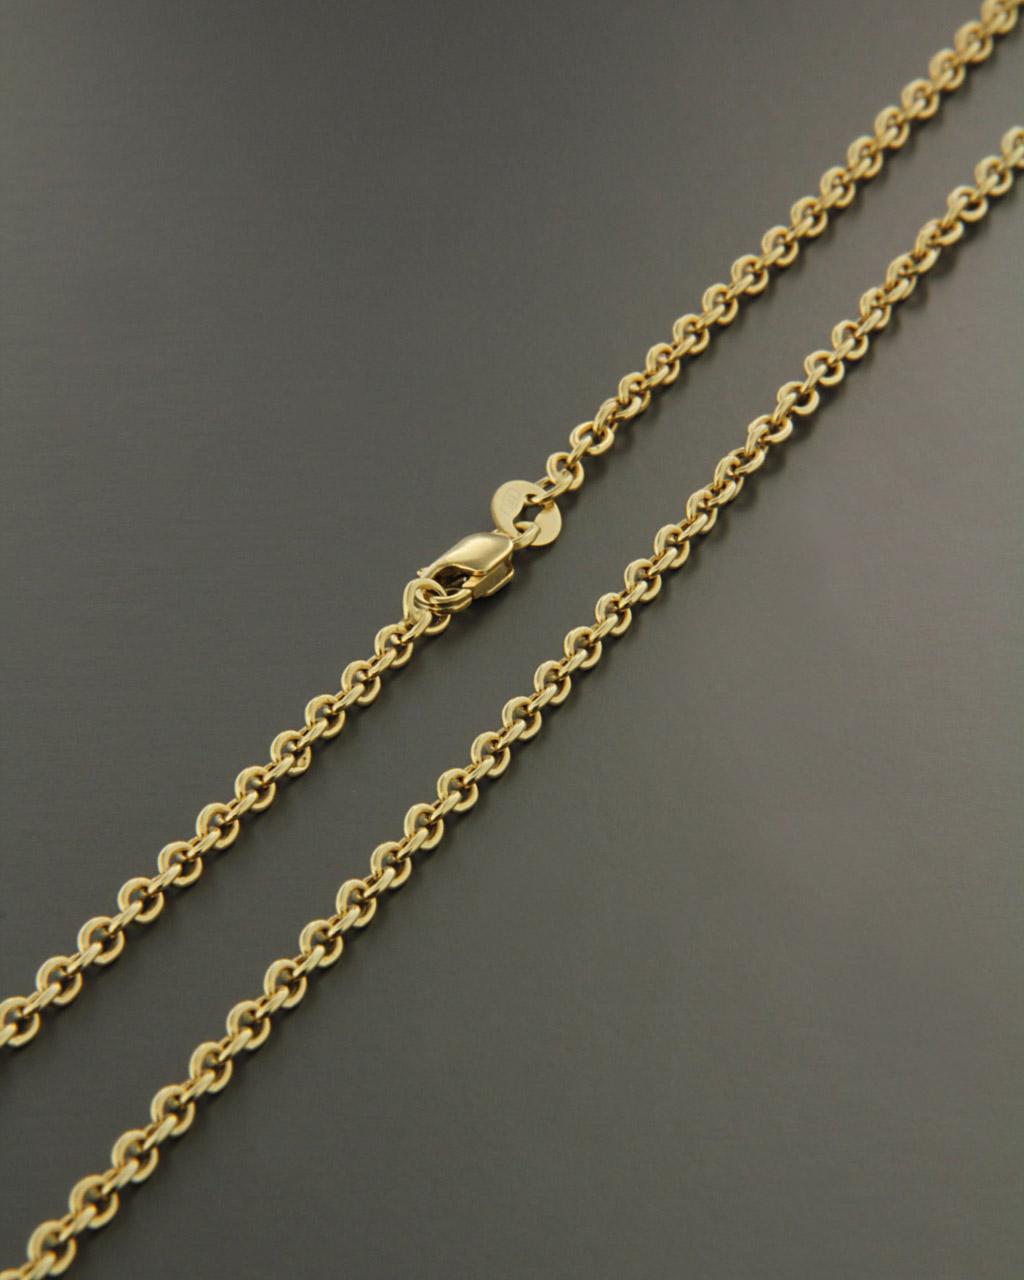 Χρυσή αλυσίδα λαιμού Κ9   παιδι αλυσίδες λαιμού αλυσίδες χρυσές